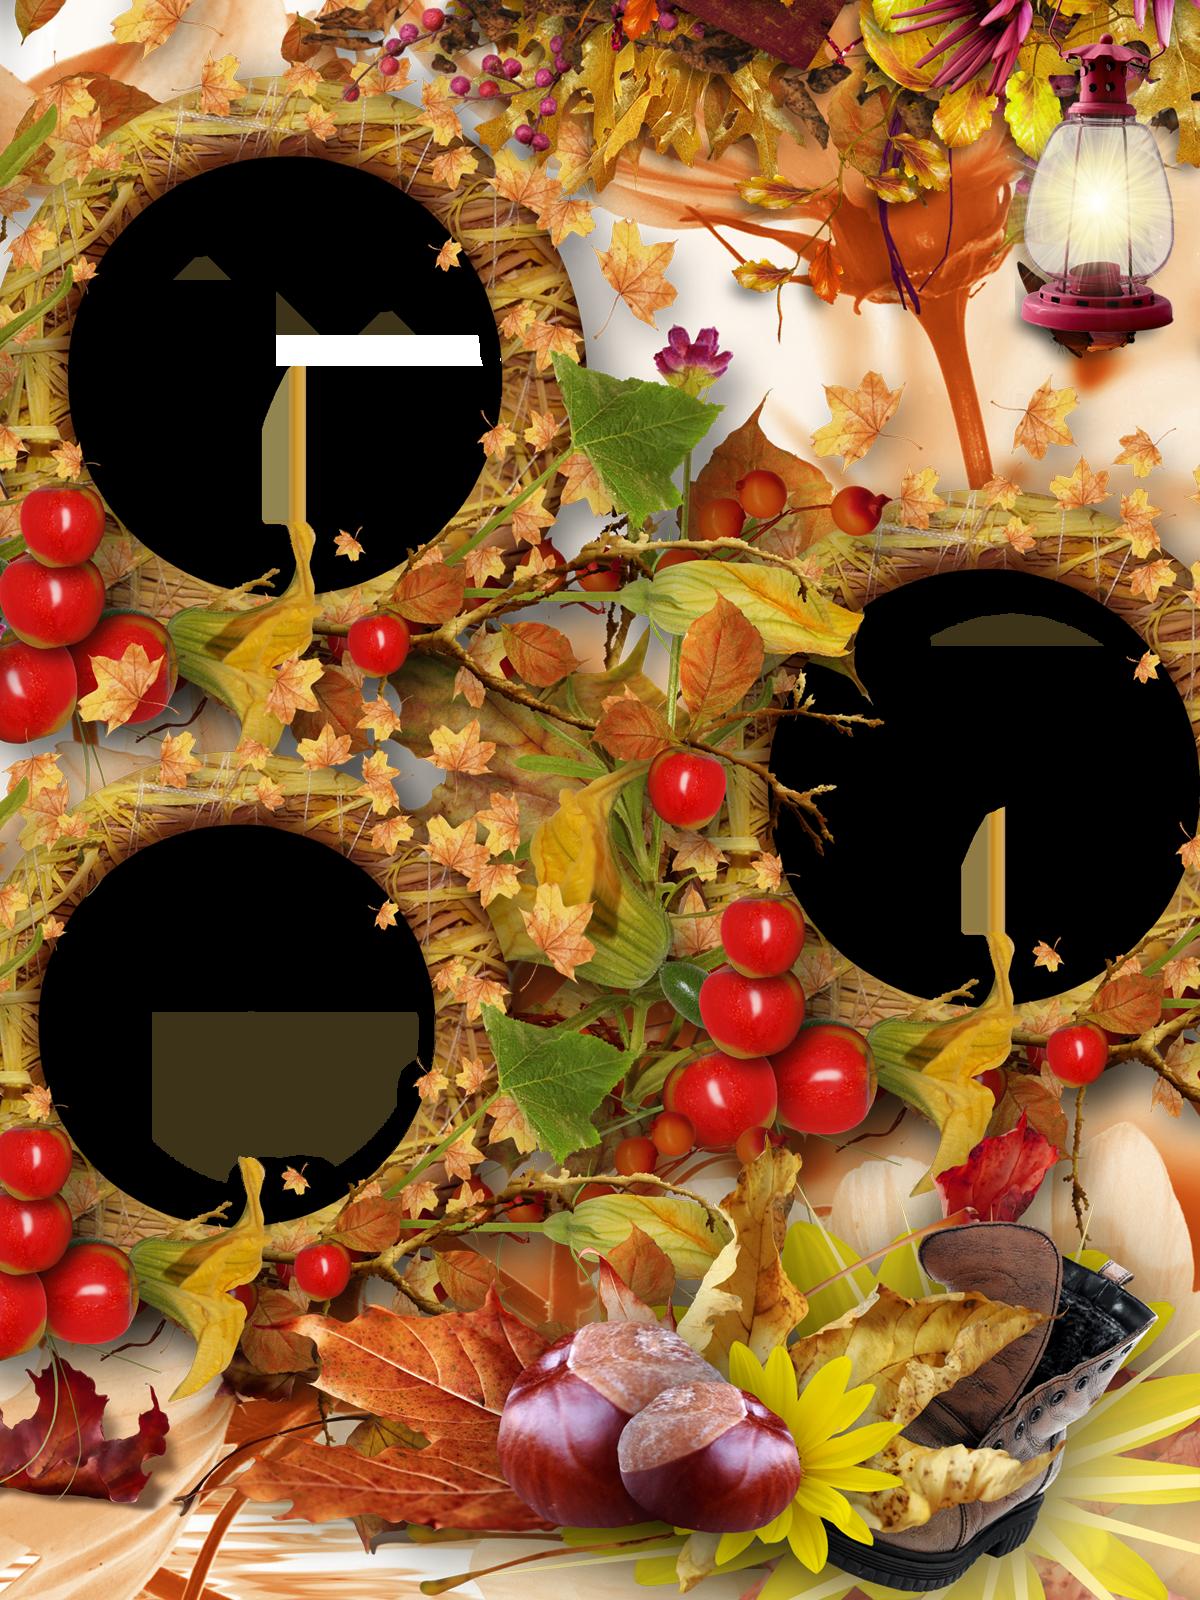 виньетка с яблочными вырезами для фото раймонд